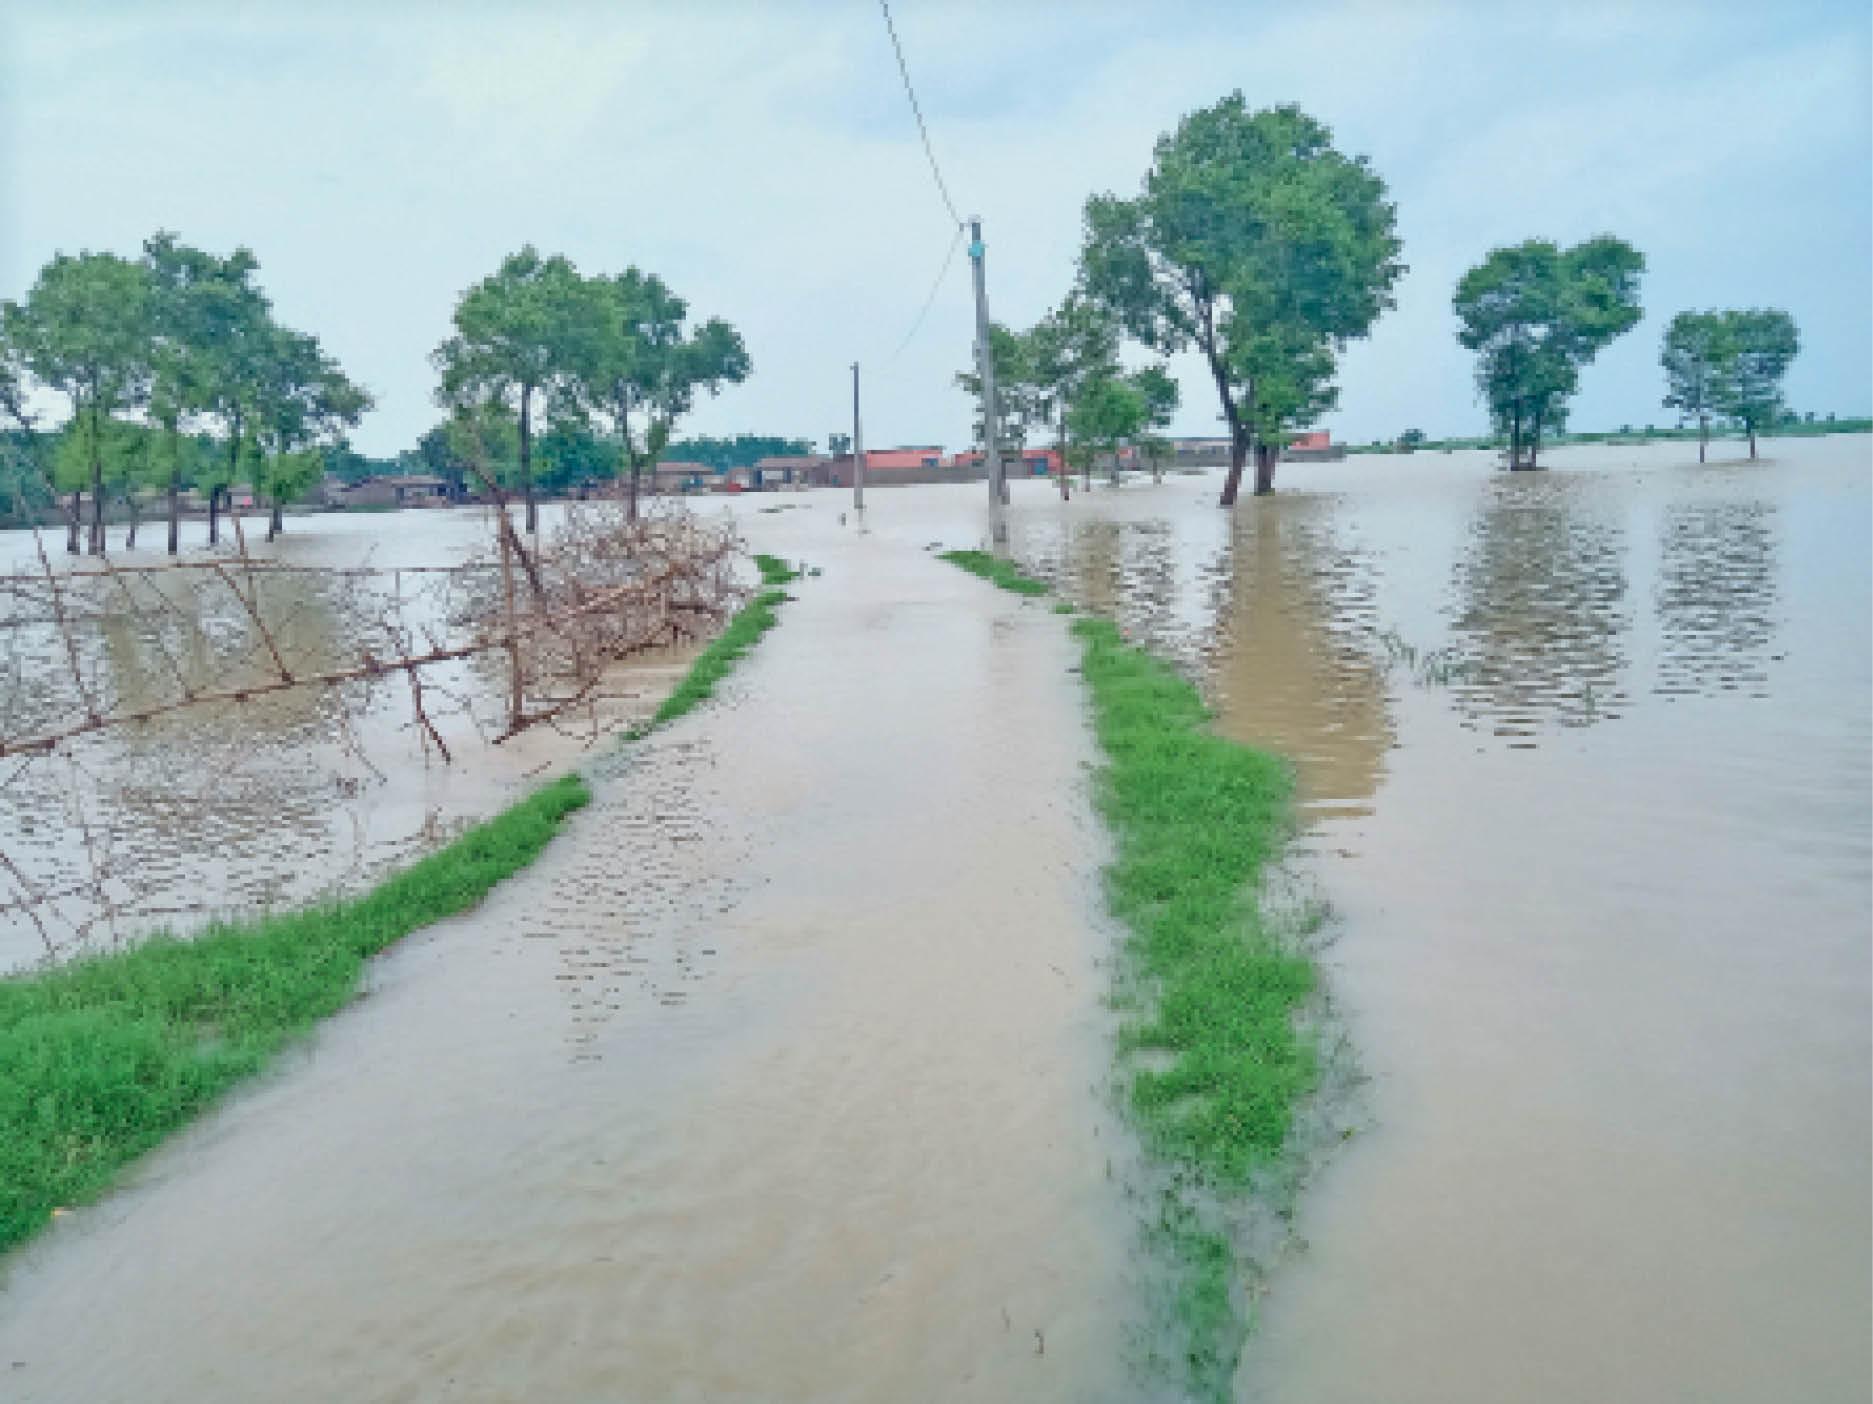 नए इलाकों में फैला पानी,योगापट्टी, बैरिया व नौतन के 17 गांवों के 1050 घरों में घुसा बाढ़ का पानी, 17 हजार आबादी हुई प्रभावित बेतिया,Bettiah - Dainik Bhaskar